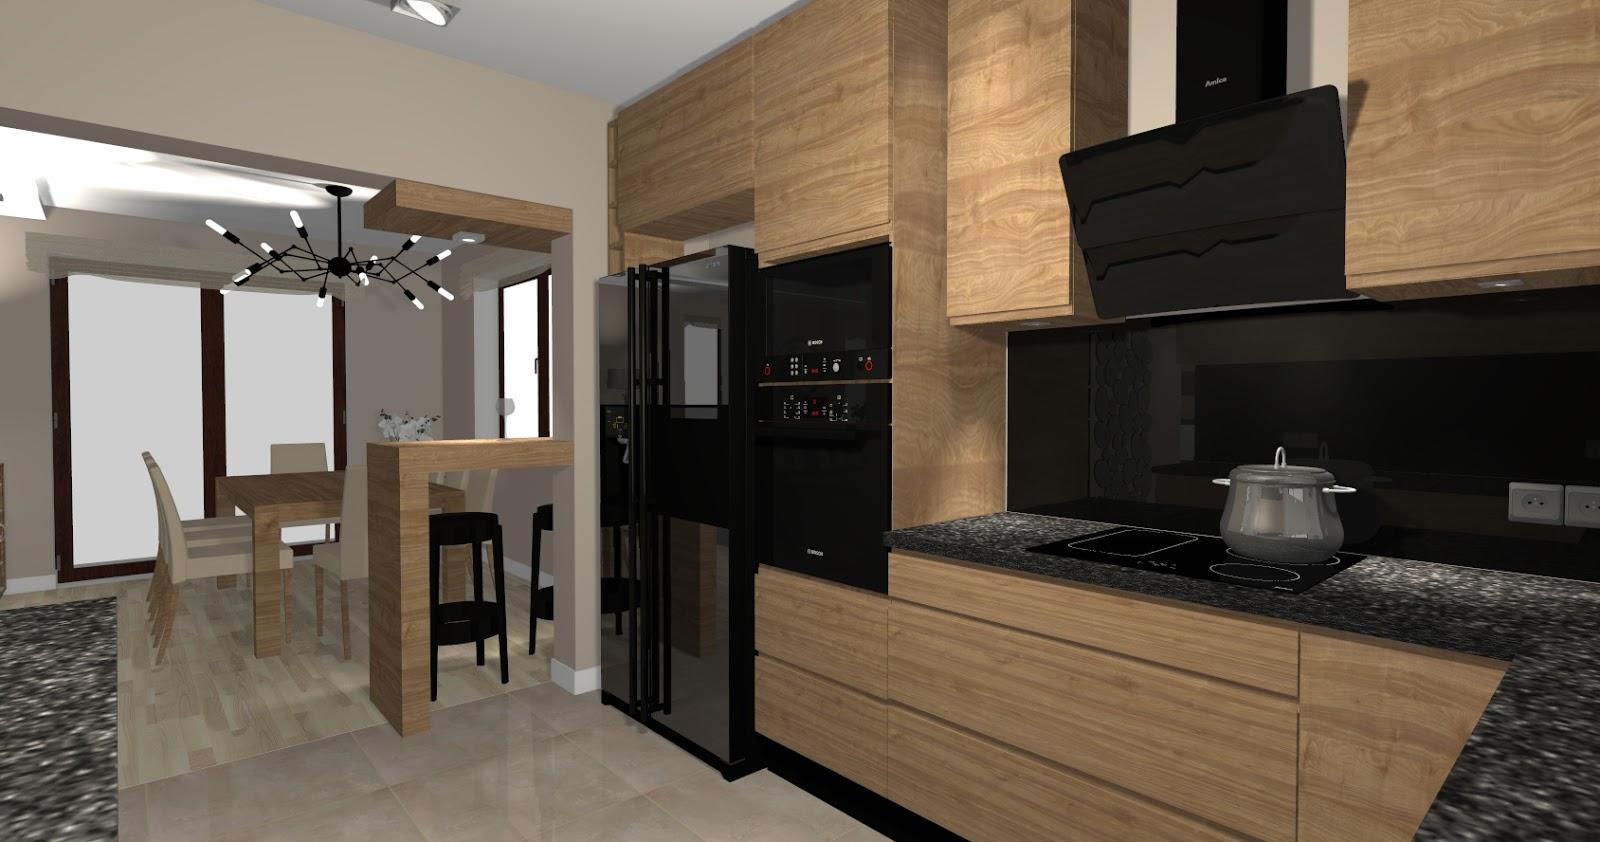 Pracownia Wnętrz Kuchnia w fornirze -> Kuchnia W Fornirze